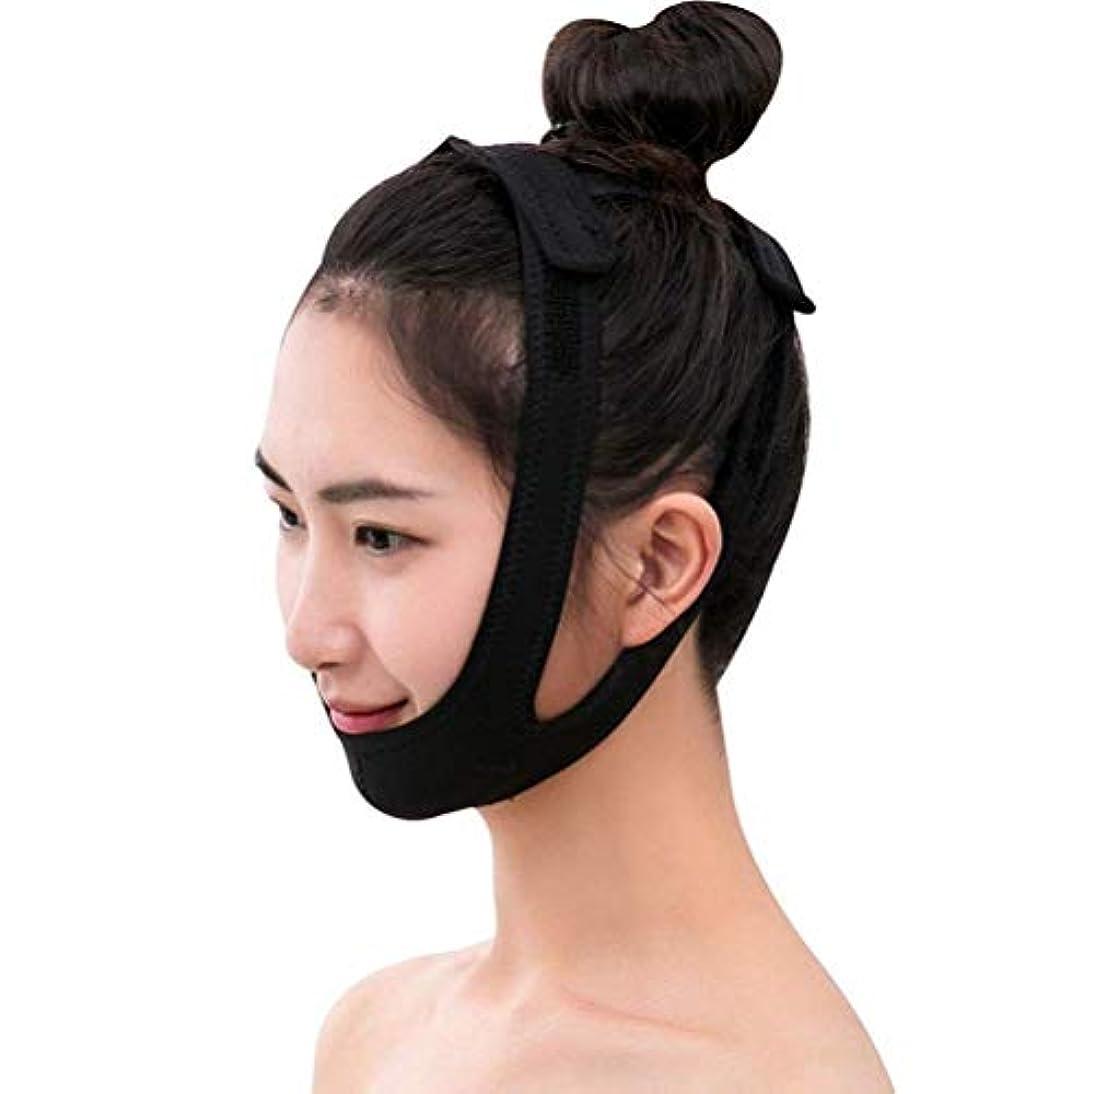 在庫養う資格フェイスリフティングマスク、フェイスリフティング包帯V字型マスク/整形およびリフト/二重あごベルト/美容マスクフェイスリフト/縮小二重あご包帯/顔面矯正ベルト